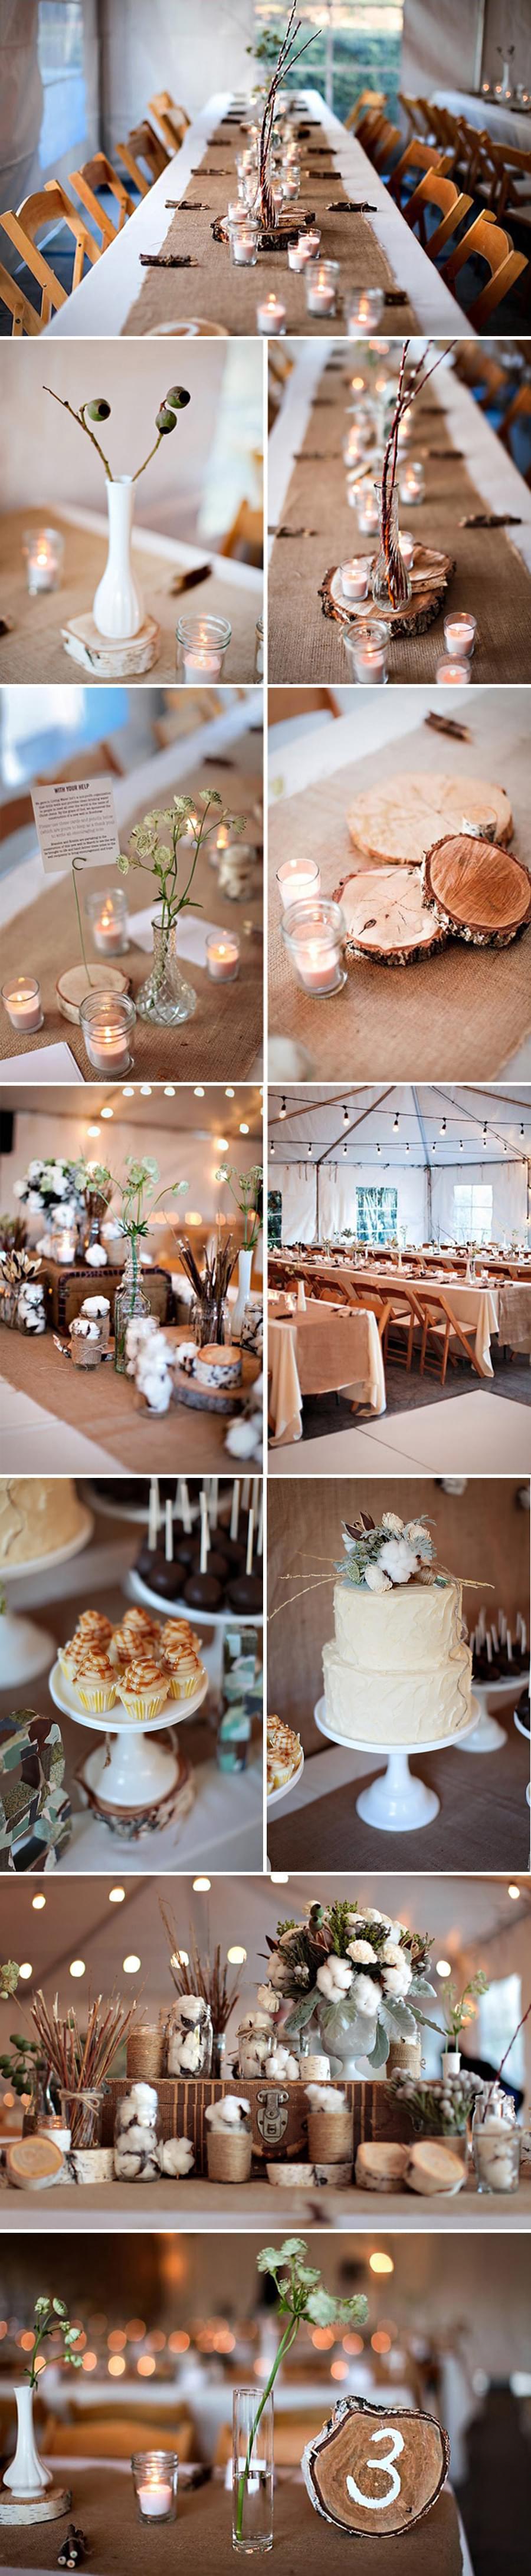 ekologiczny ślub i wesele drewniane dekoracje z drzewa i gałęzi